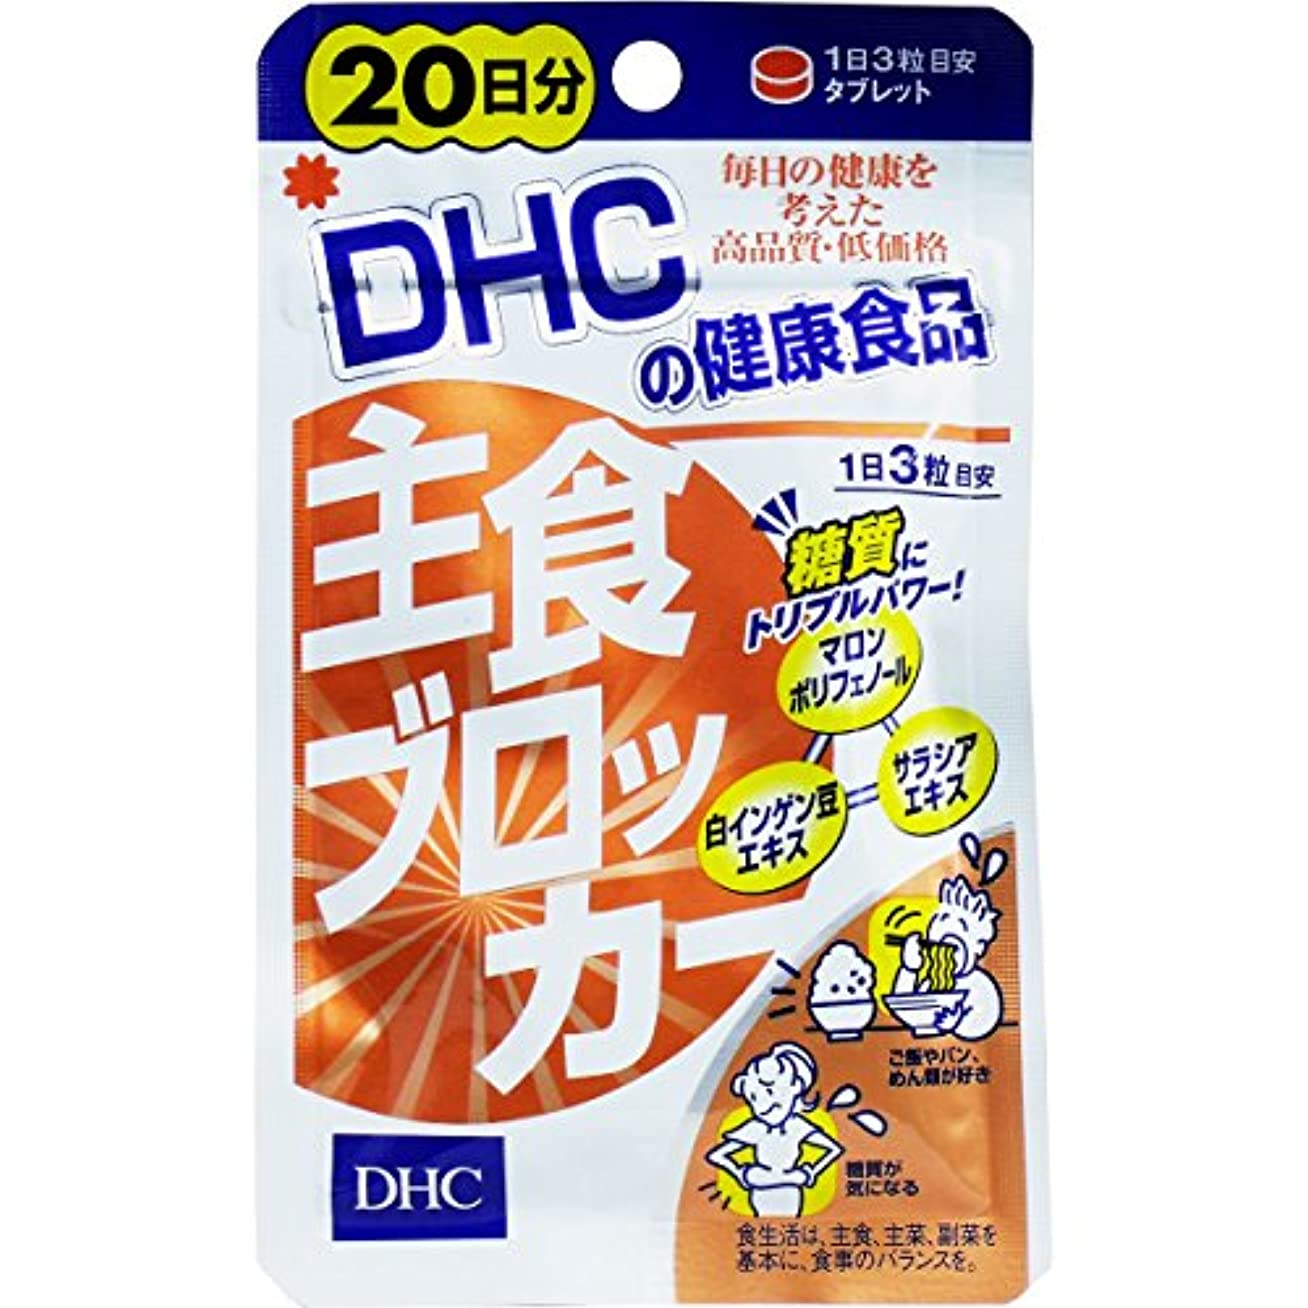 美徳机殺しますお得な6個セット 炭水化物が好きな方へオススメ DHC 主食ブロッカー 20日分(60粒)